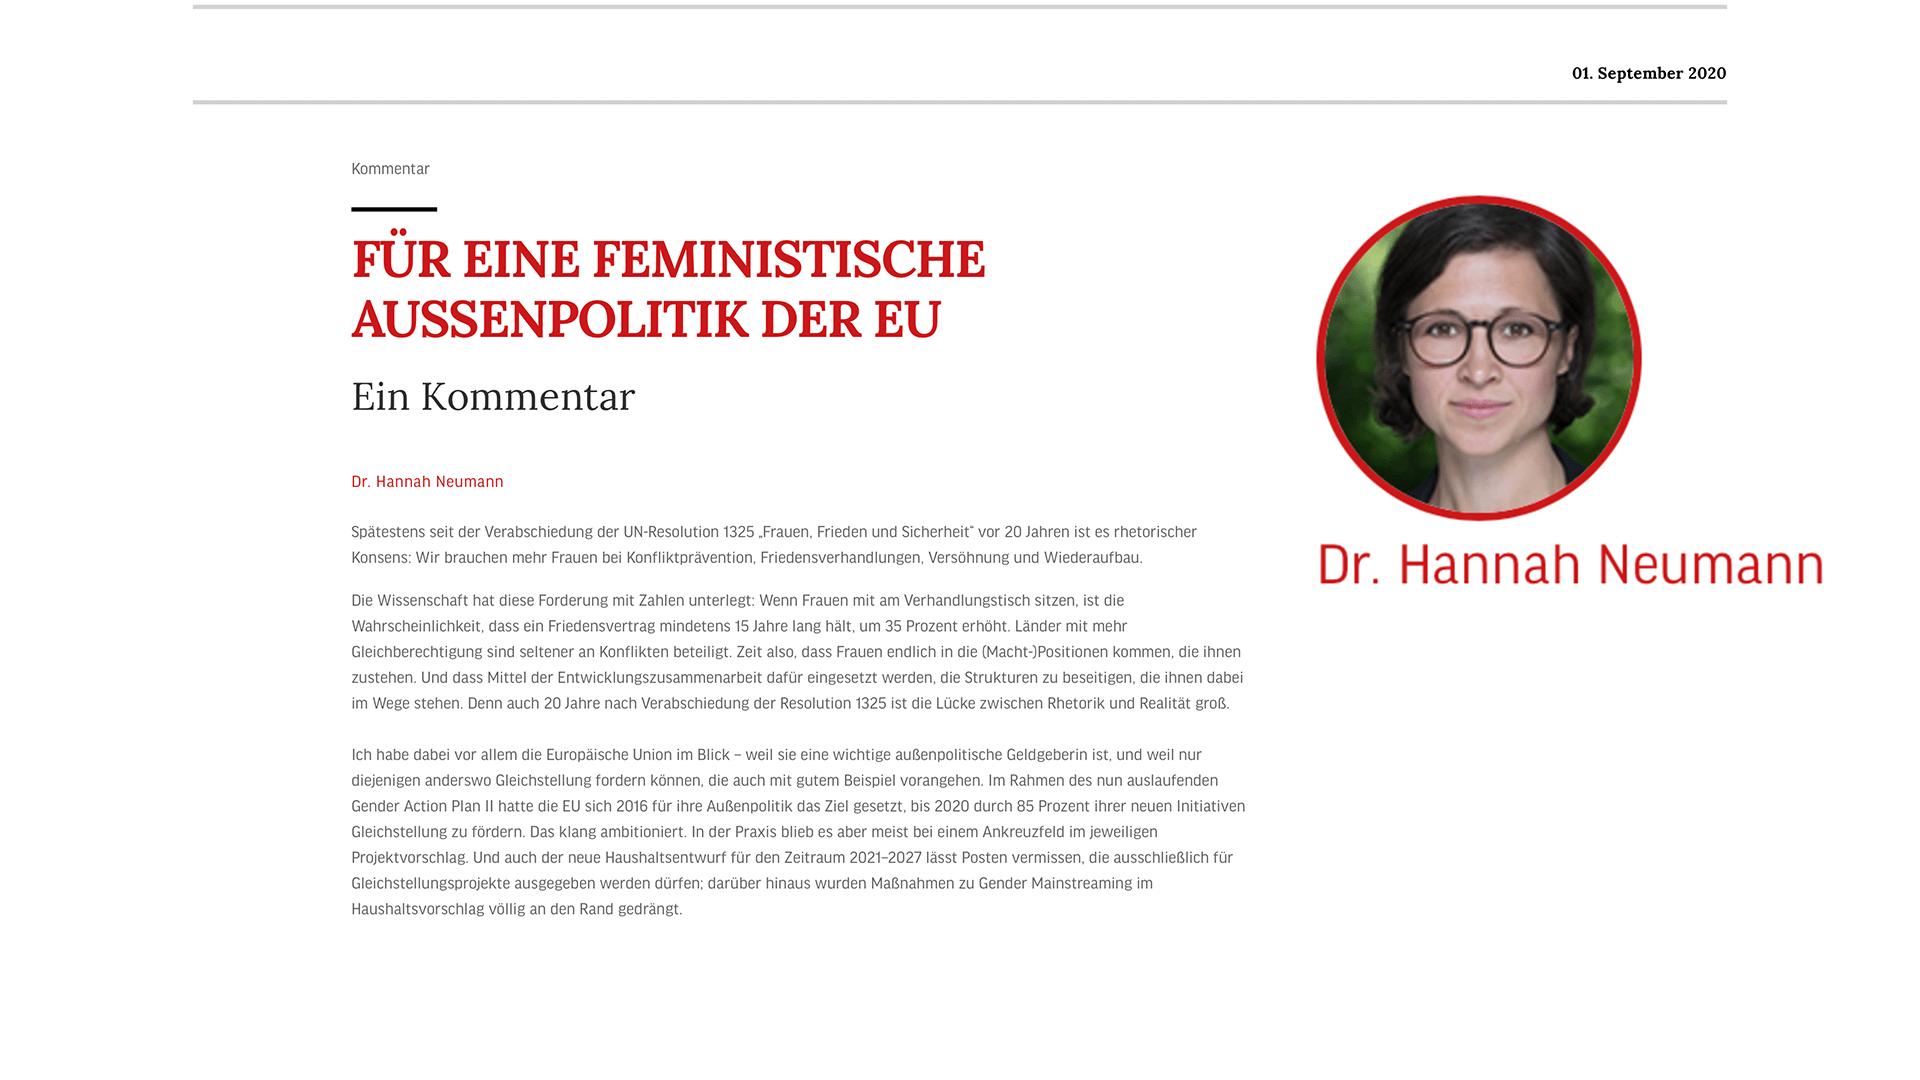 Für eine feministische Außenpolitik der EU - Mein Kommentar in der IP